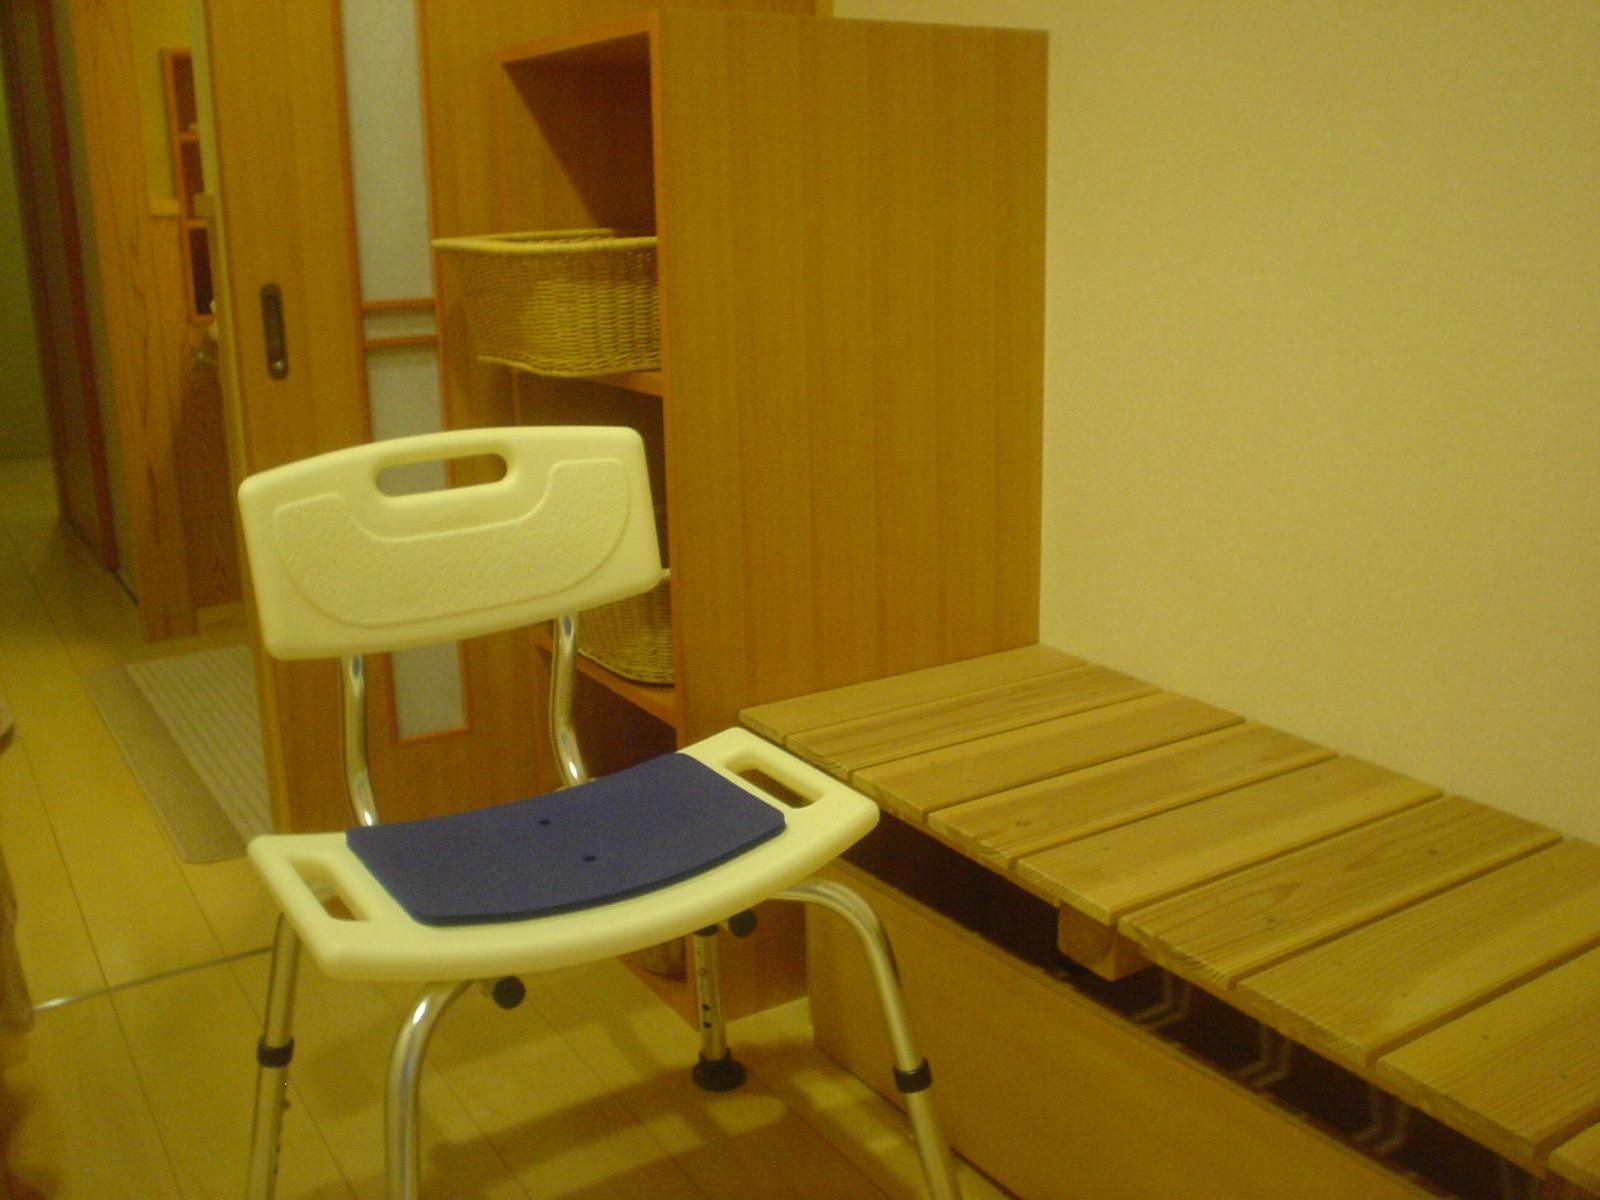 広い脱衣場には入浴用の椅子も準備